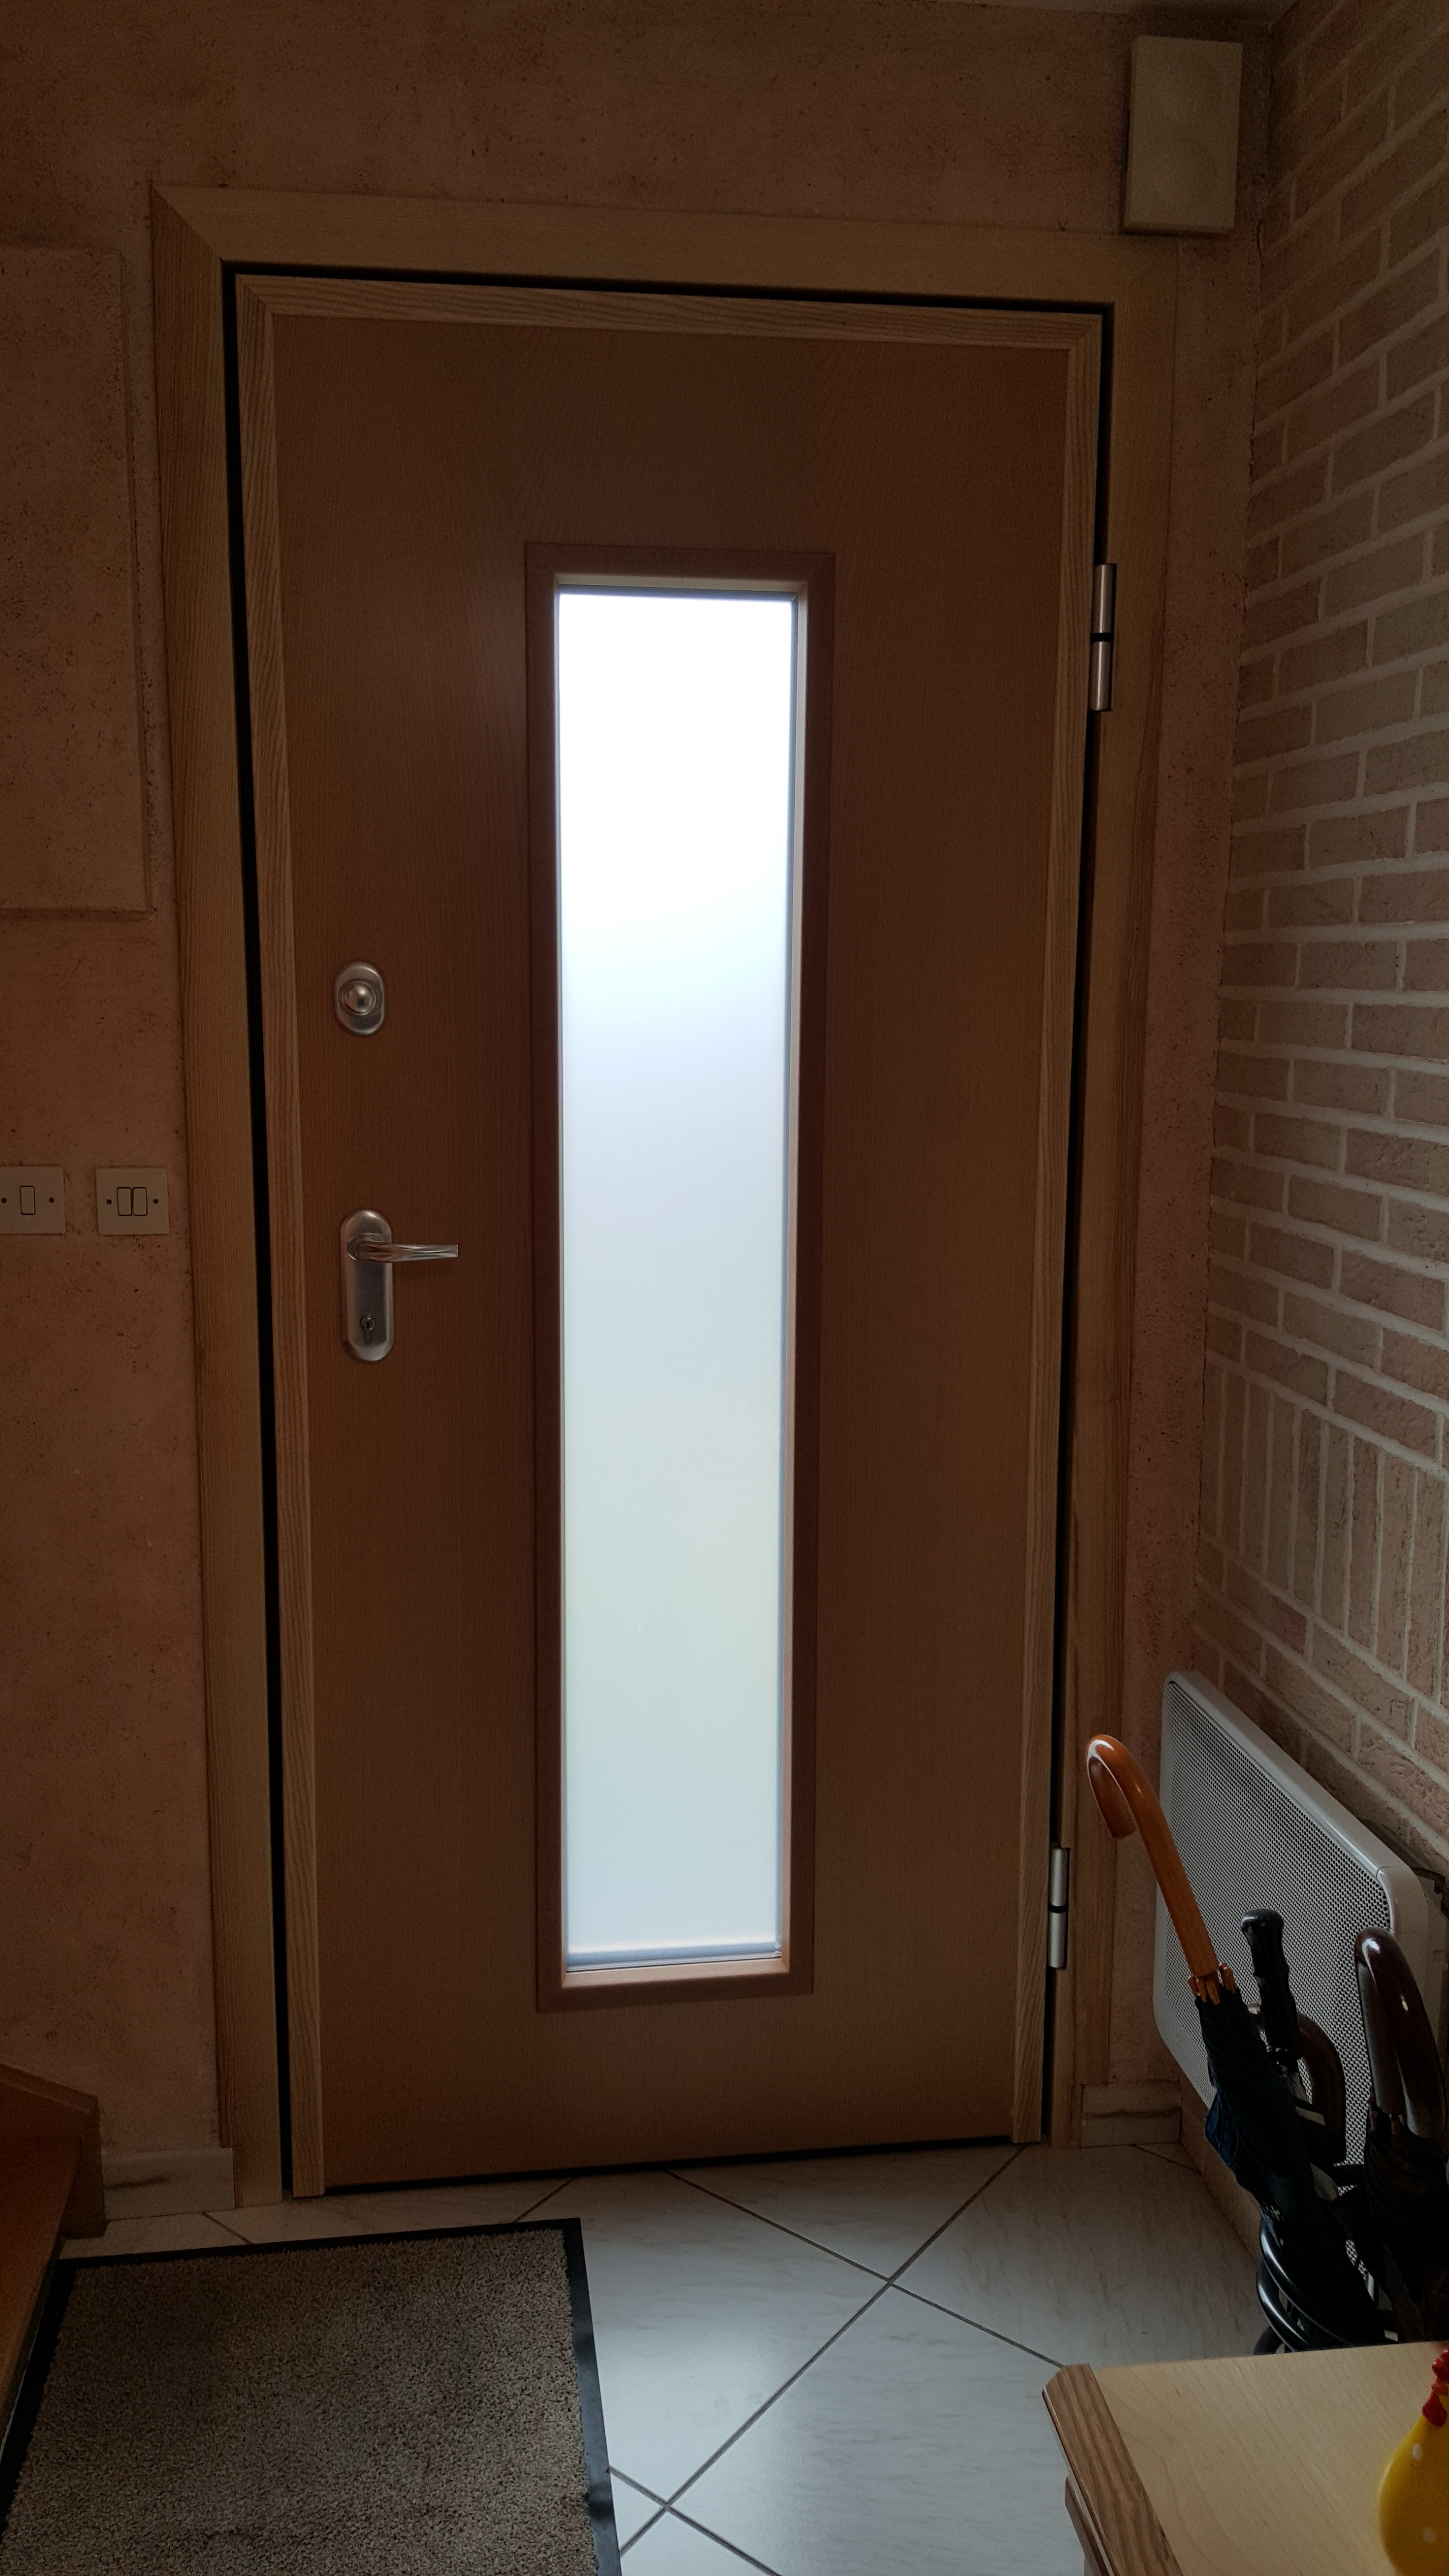 oculus porte intrieure excellent porte coulissante porte d interieur sur rail coulissant avec. Black Bedroom Furniture Sets. Home Design Ideas